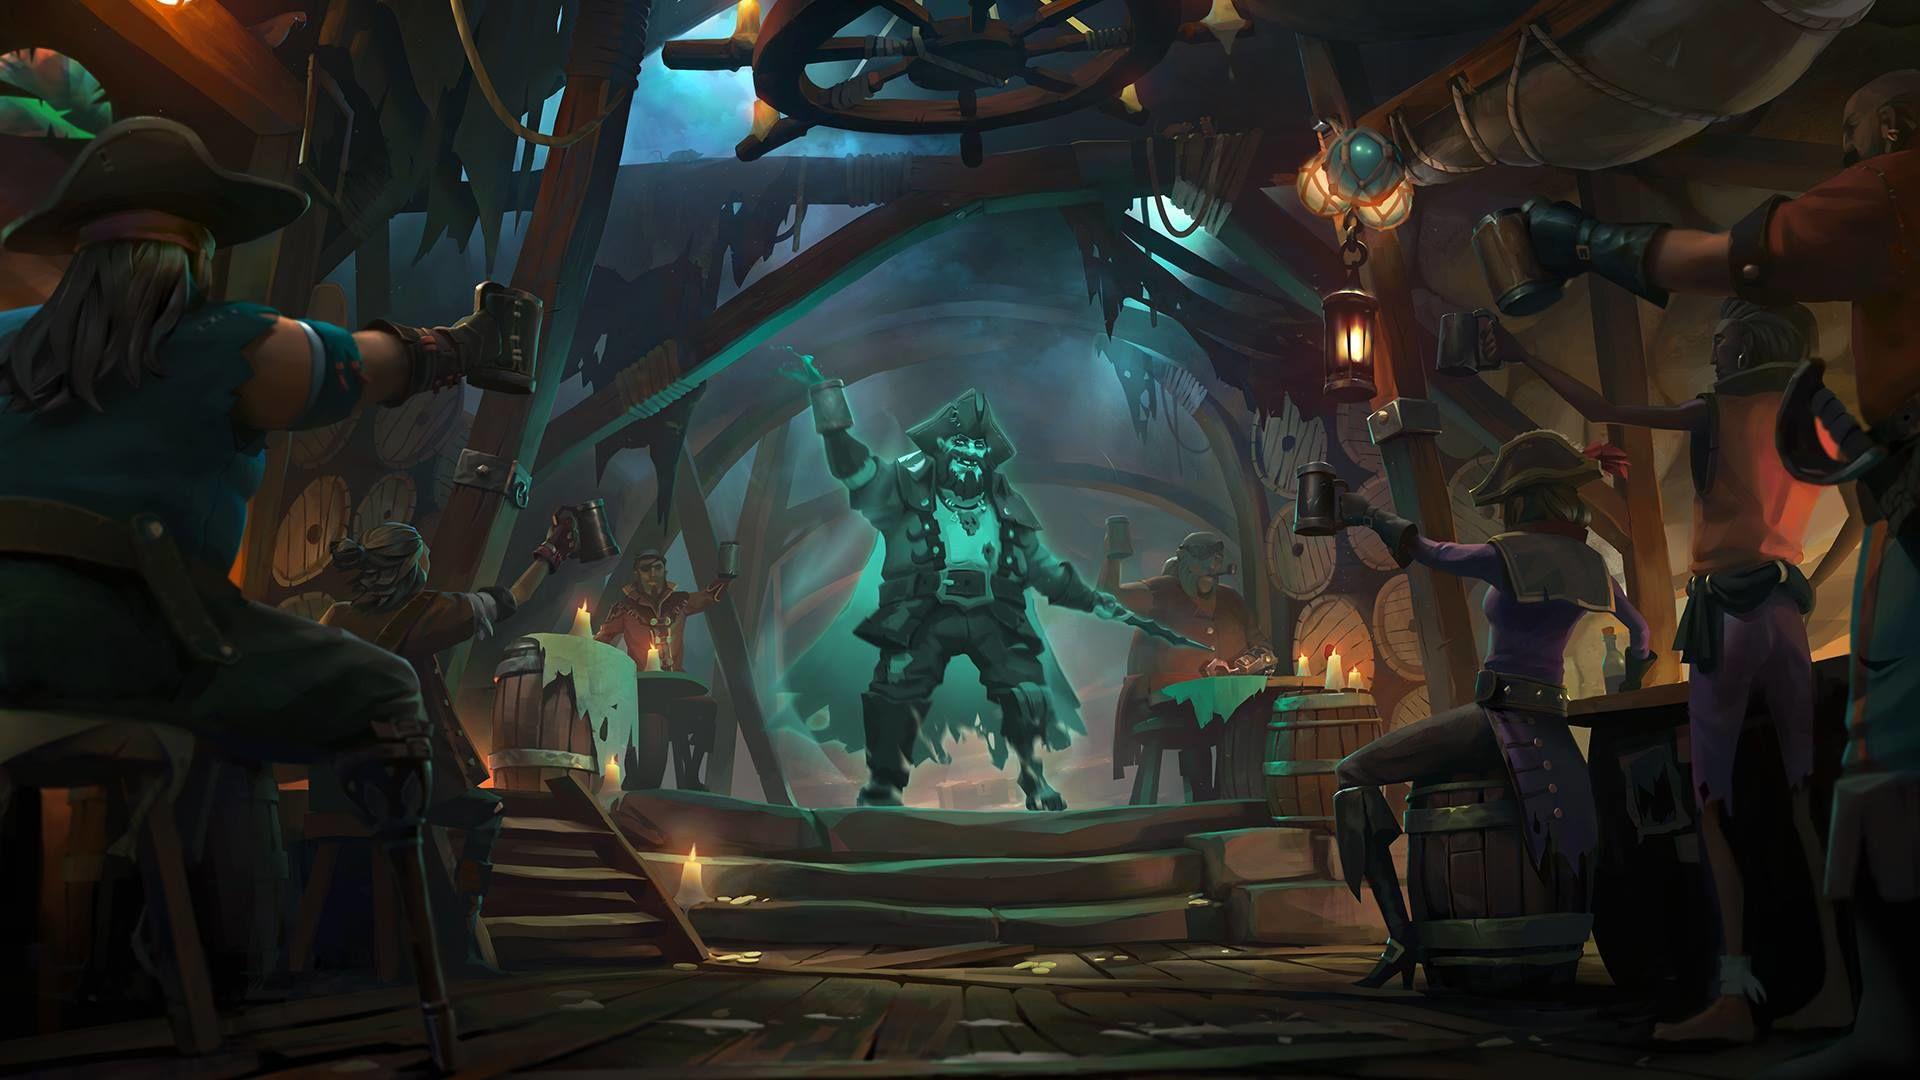 Sea of Thieves, Steam mağazasında da oyuncuların erişimine açıldı